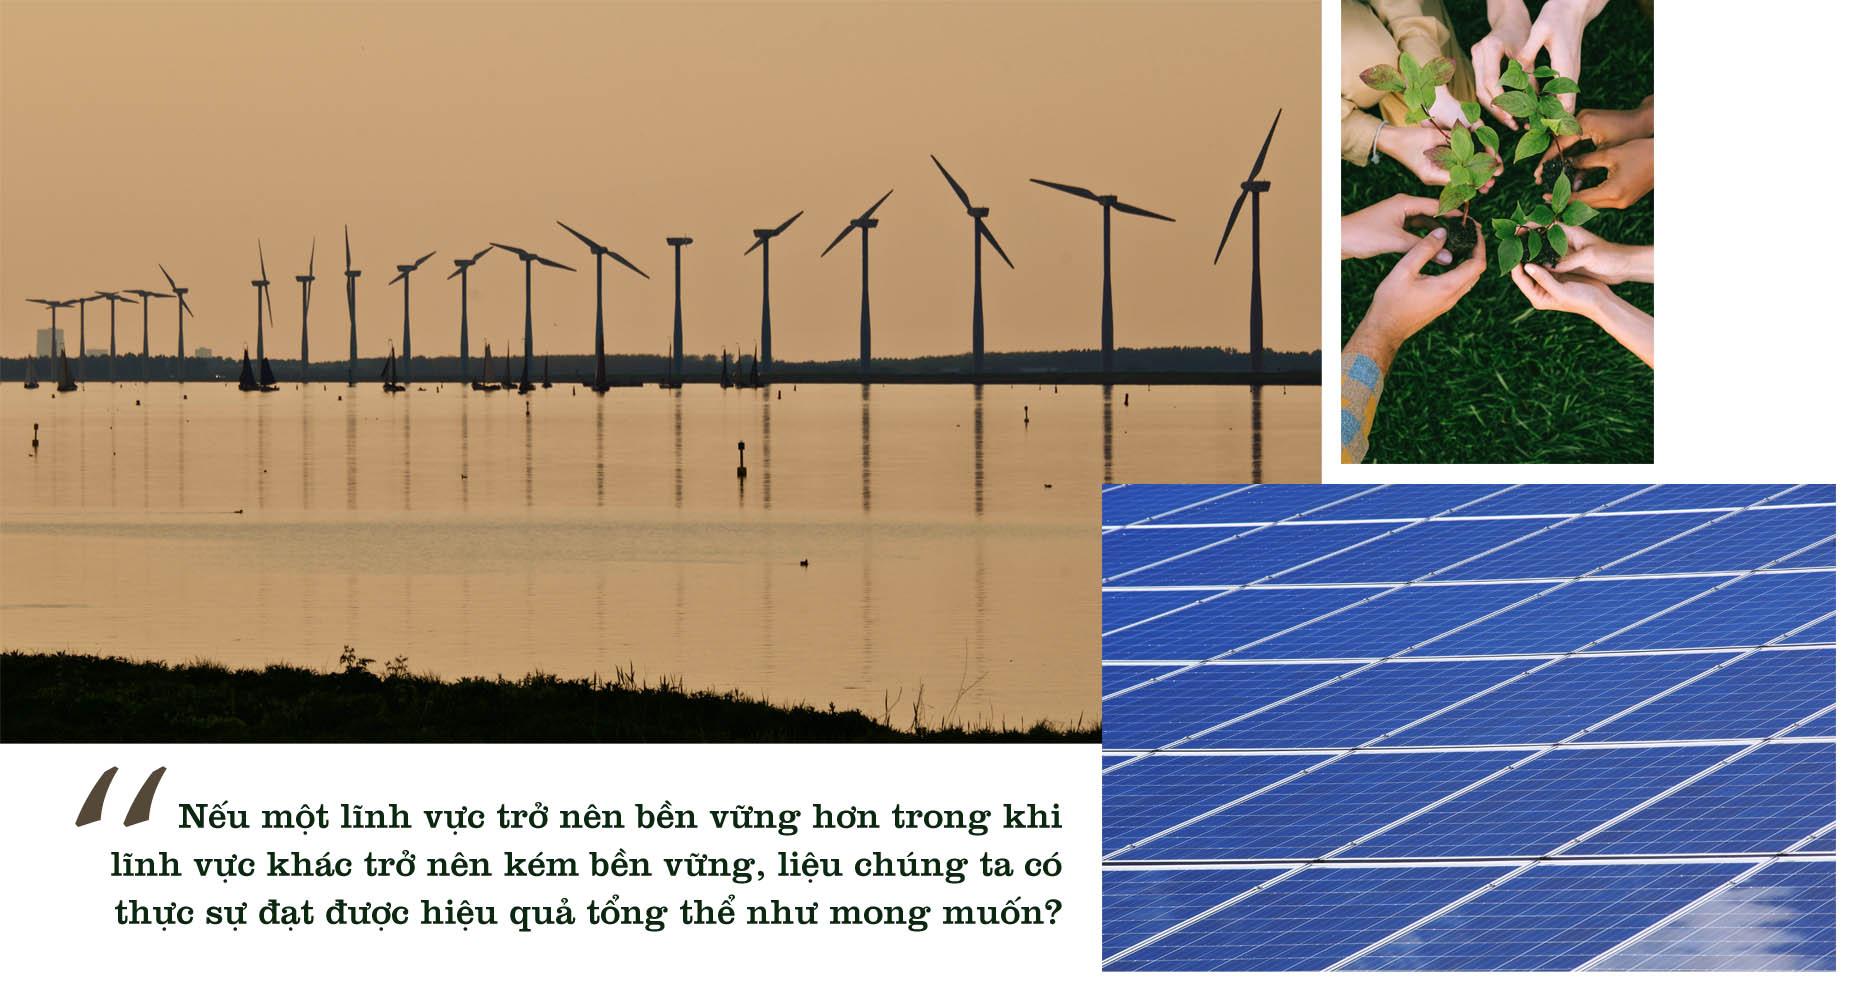 sử dụng năng lượng bền vững